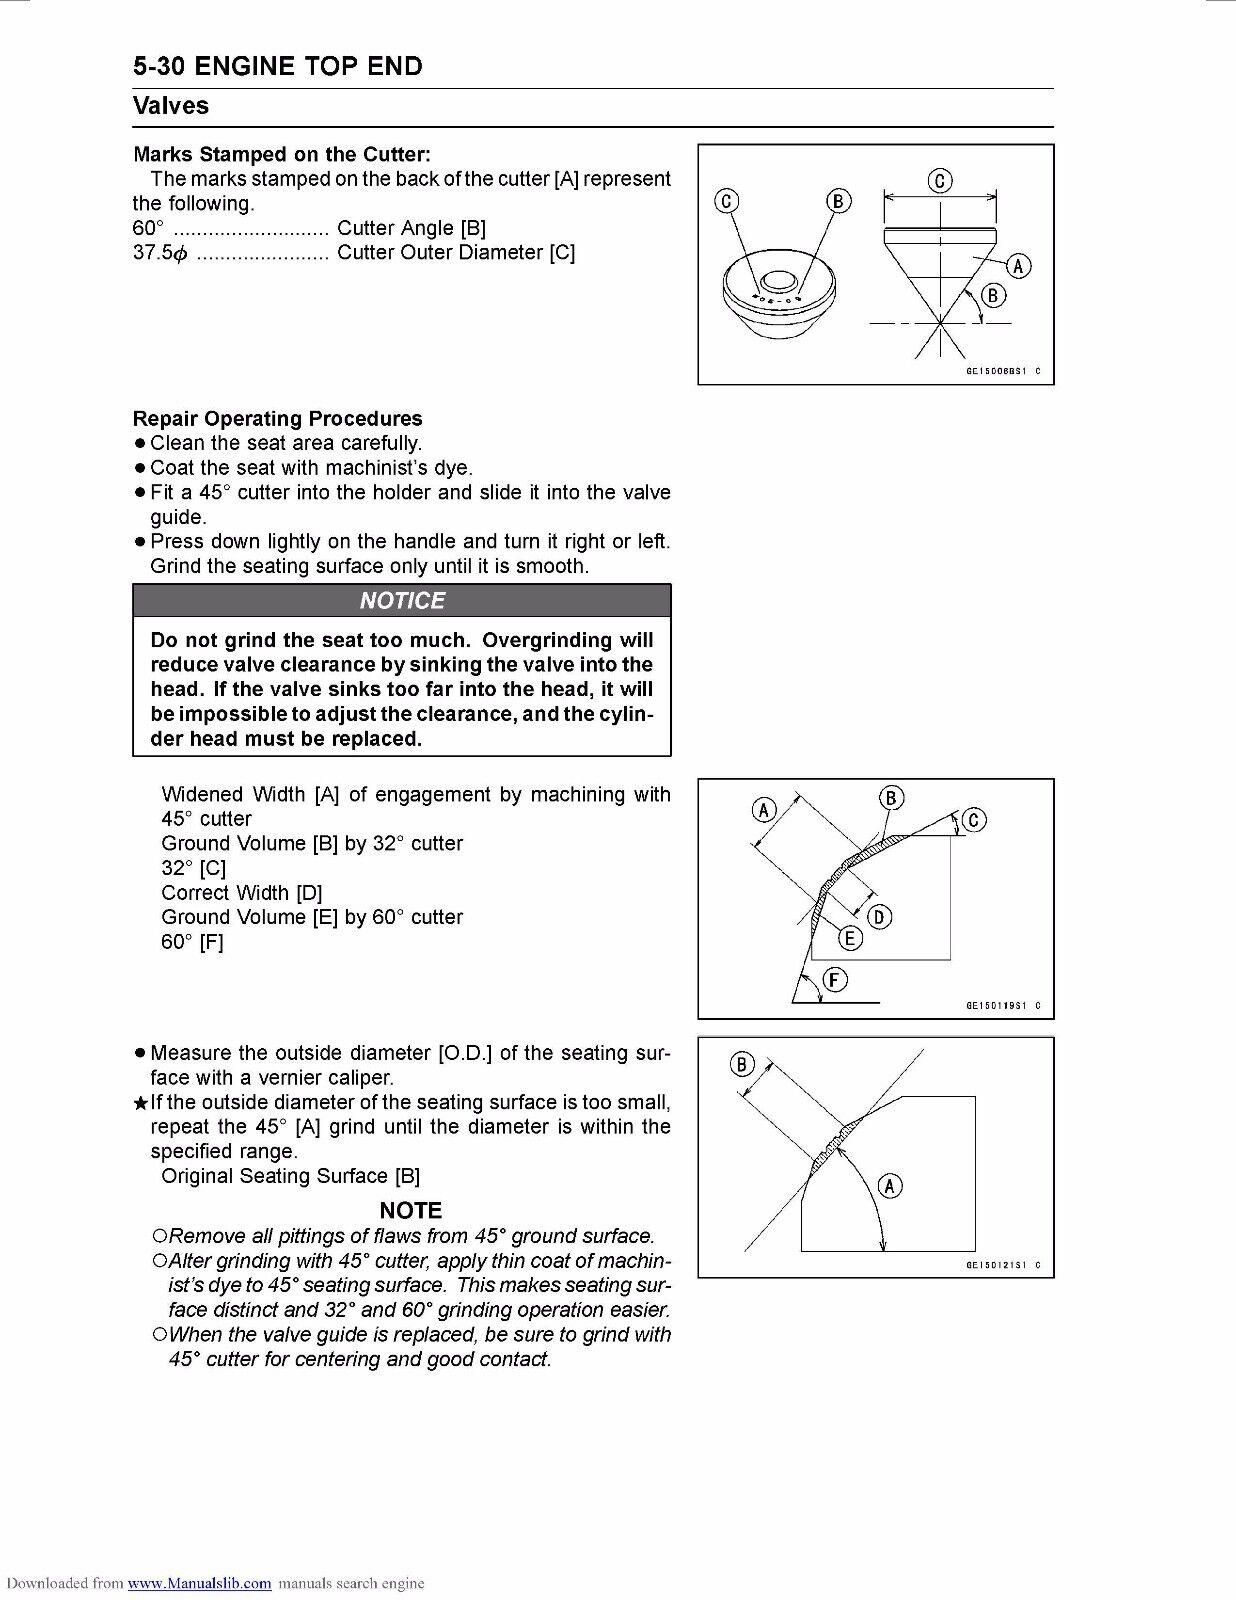 ... Array - kawasaki service workshop manual 2011 u0026 2012 kx250f 22 50  picclick rh picclick com